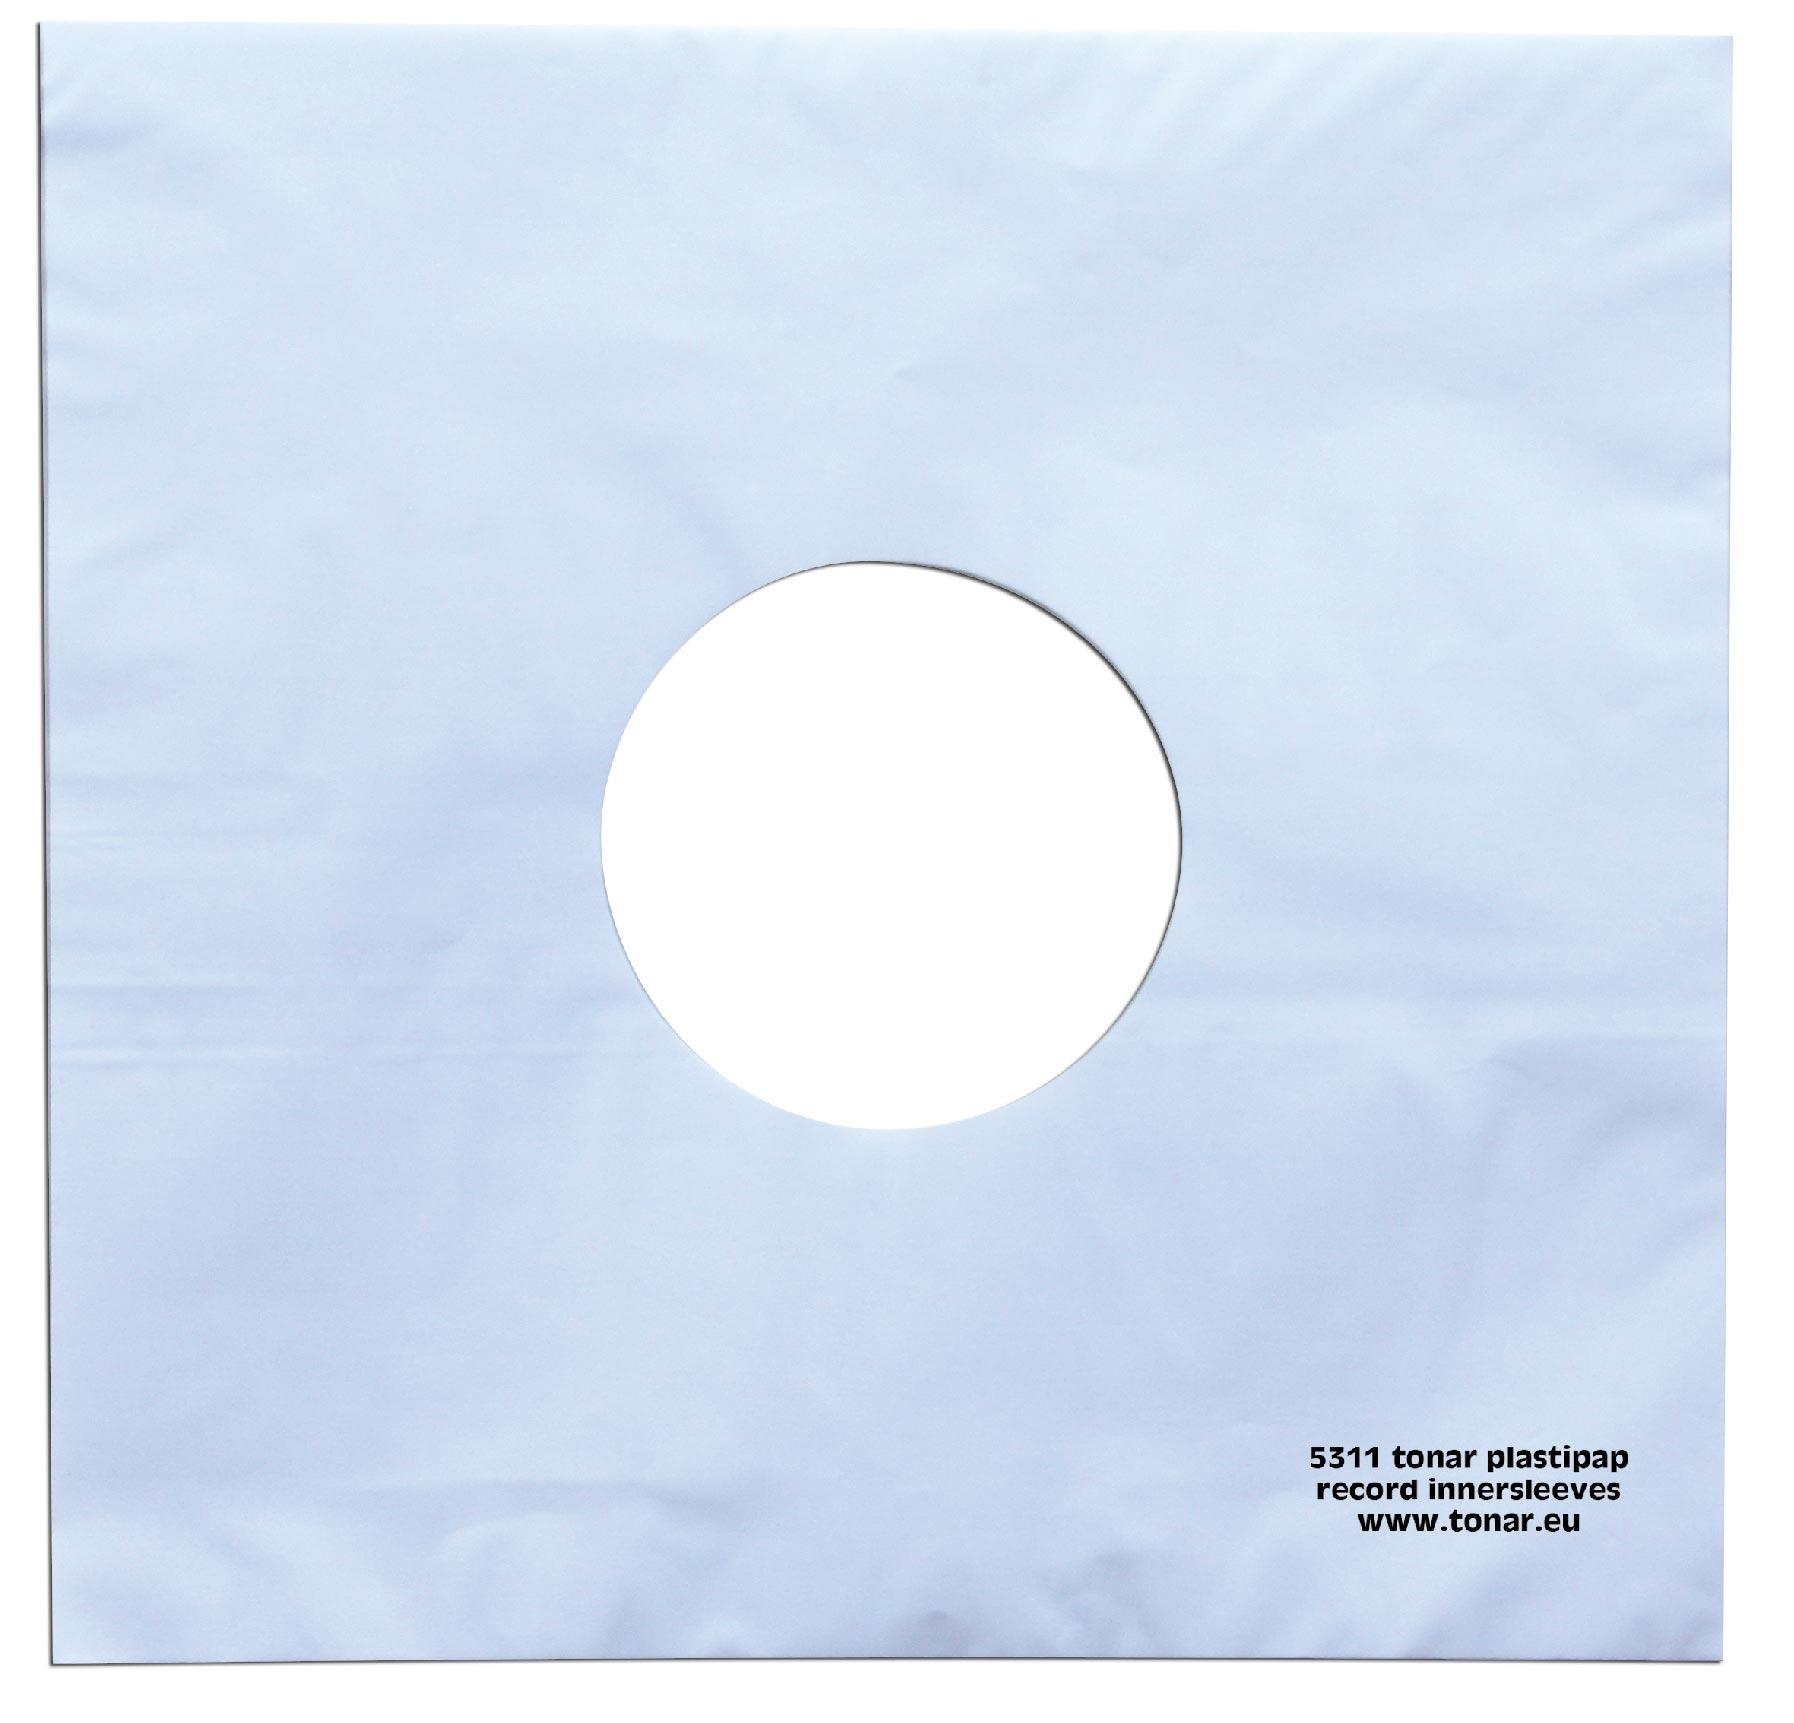 Tonar Plastipap 12 Quot Inner Record Sleeves Pack Of 25 Ebay